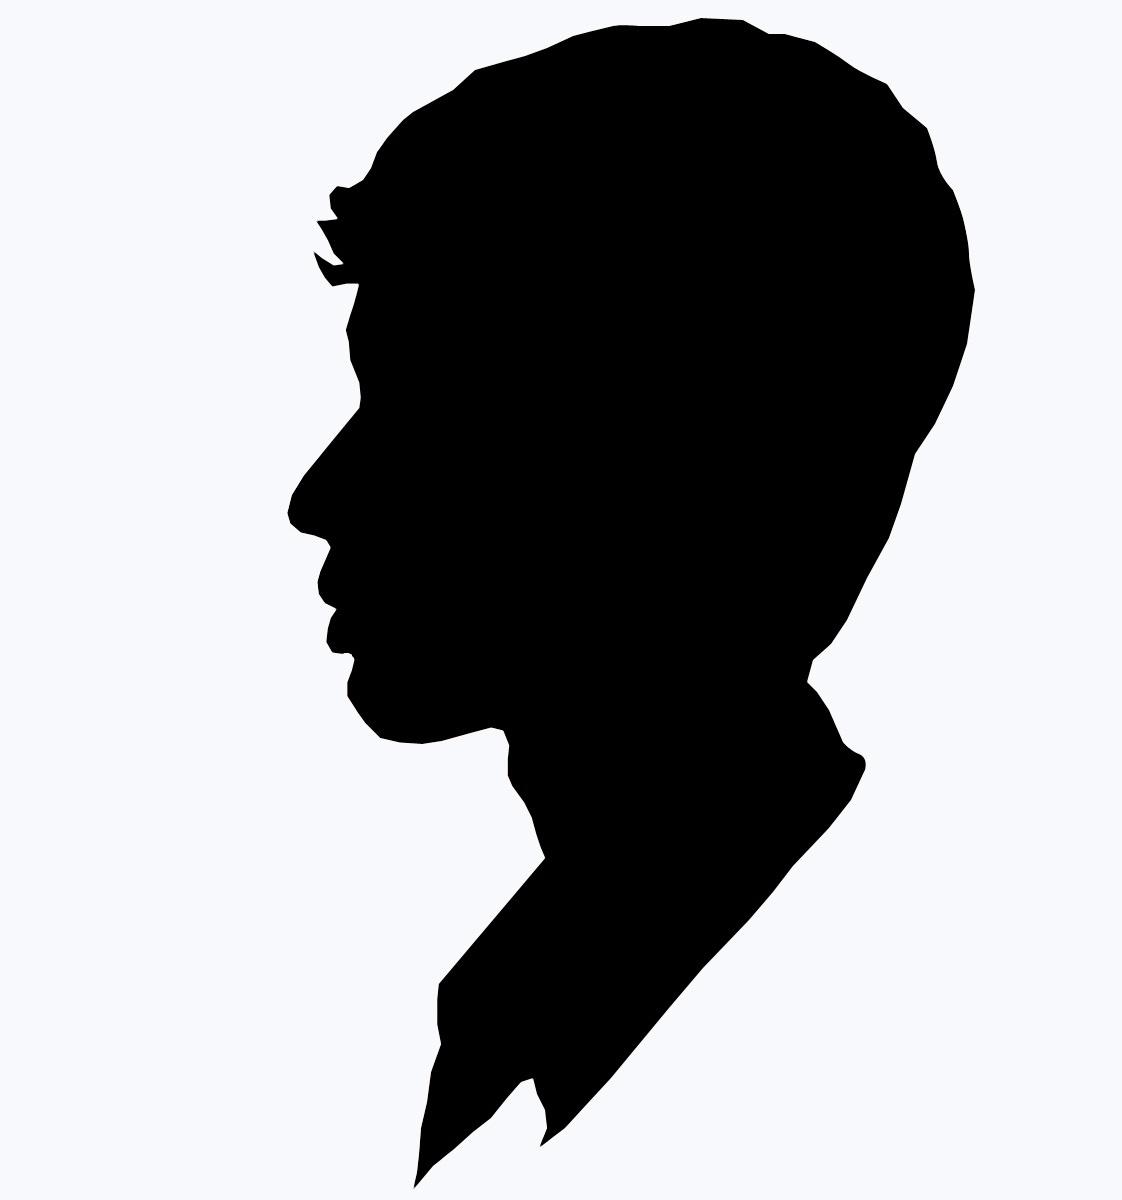 Contoh Gambar Batik Tanpa Warna: Siluet Wajah, Siluet Murah, Siluet Pria, Siluet Wanita